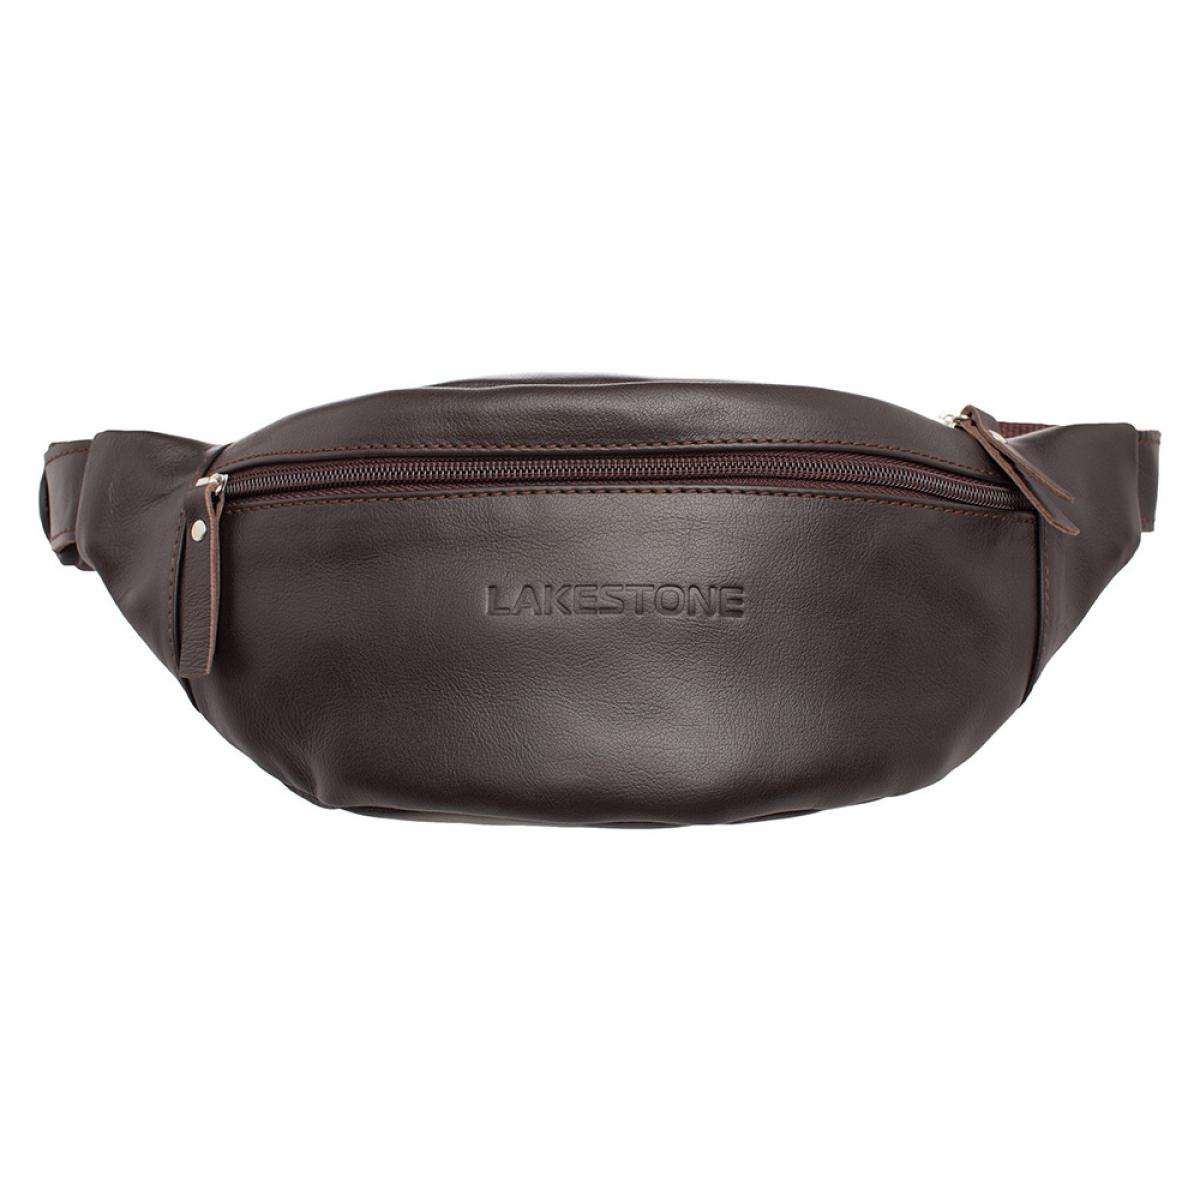 bf9d514939f2 Женская сумка Lakestone Ellis Brown, в наличии - купить в интернет ...